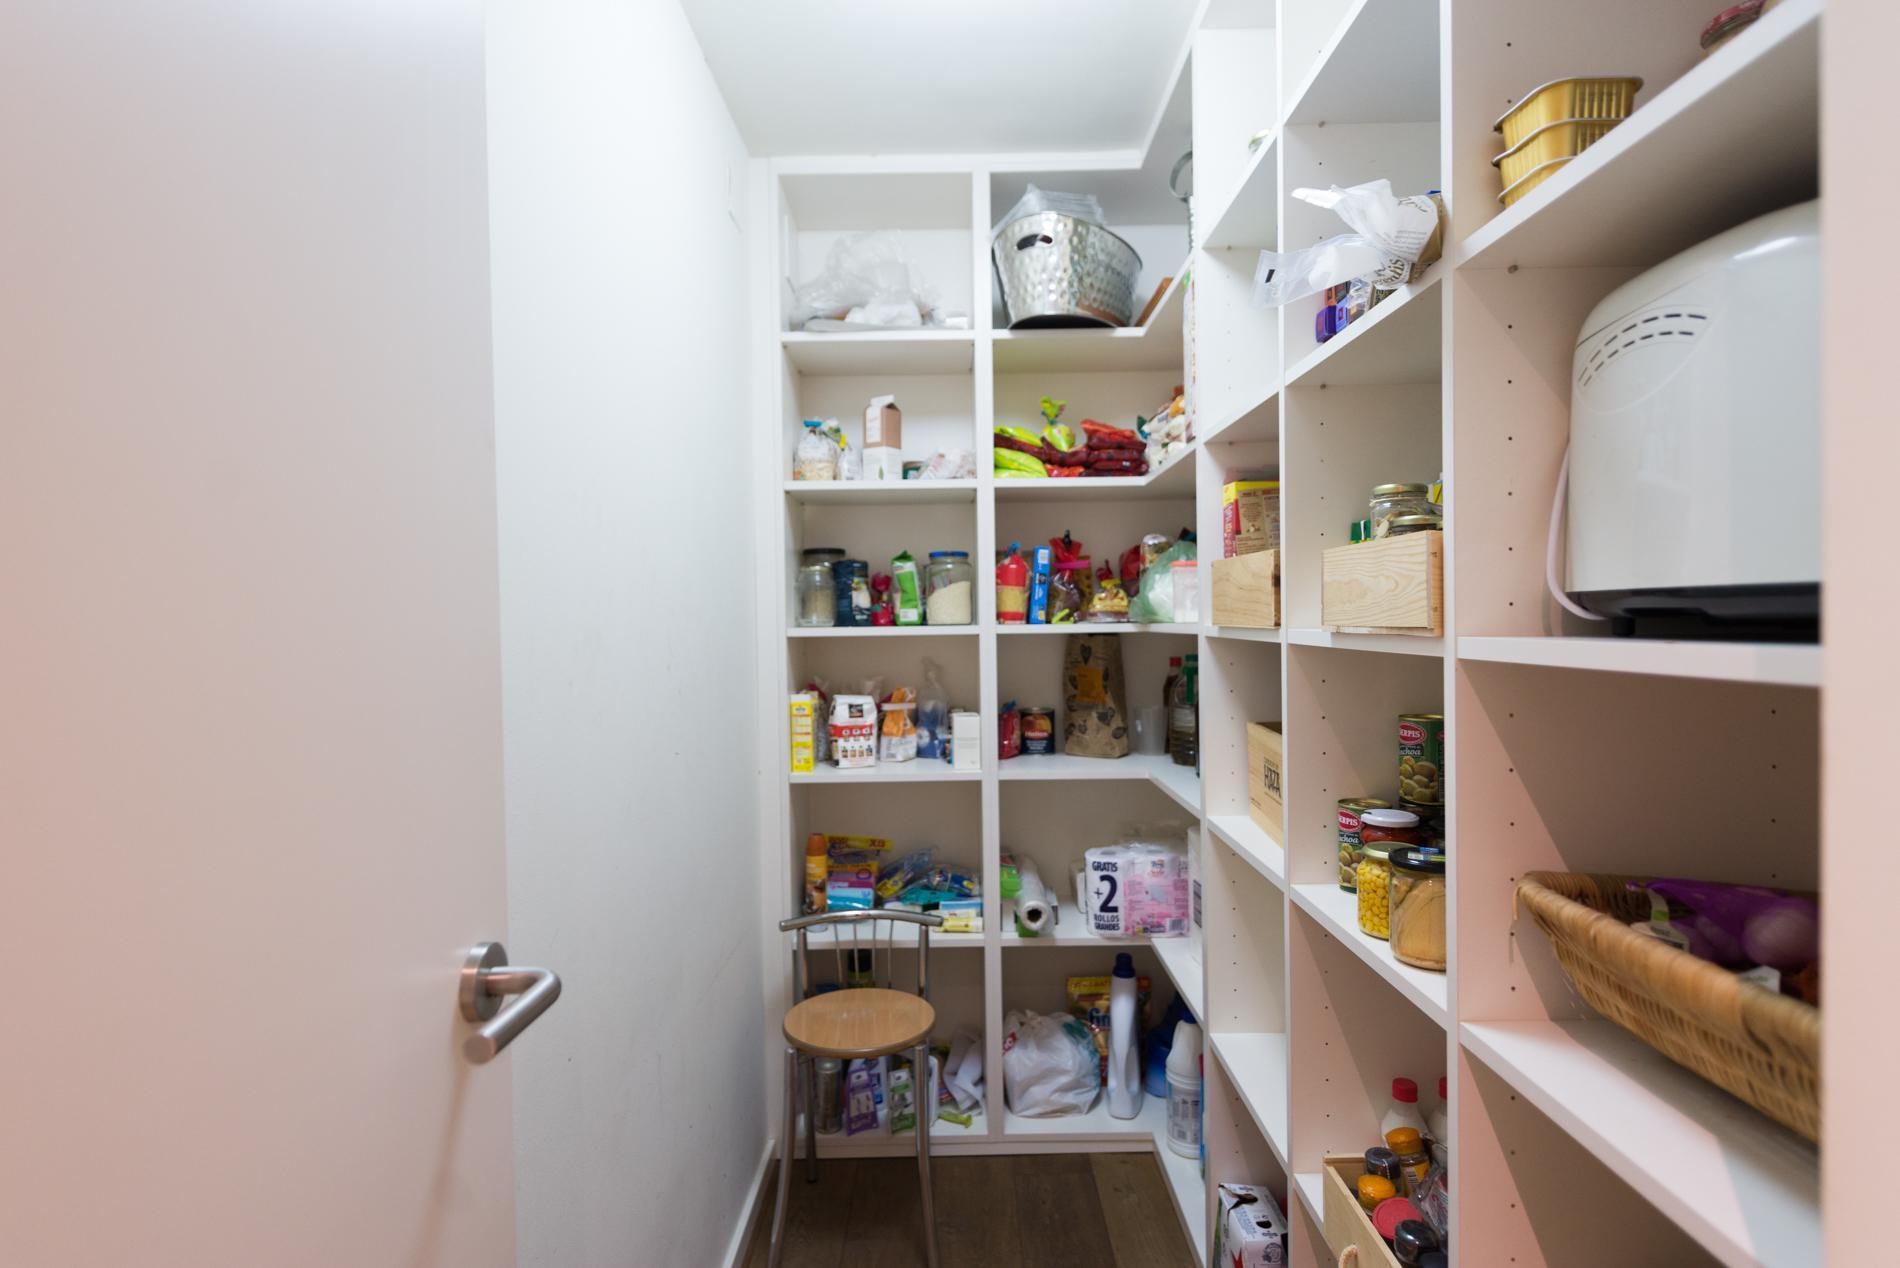 222426 Apartment for sale in Eixample, Dreta Eixample 37